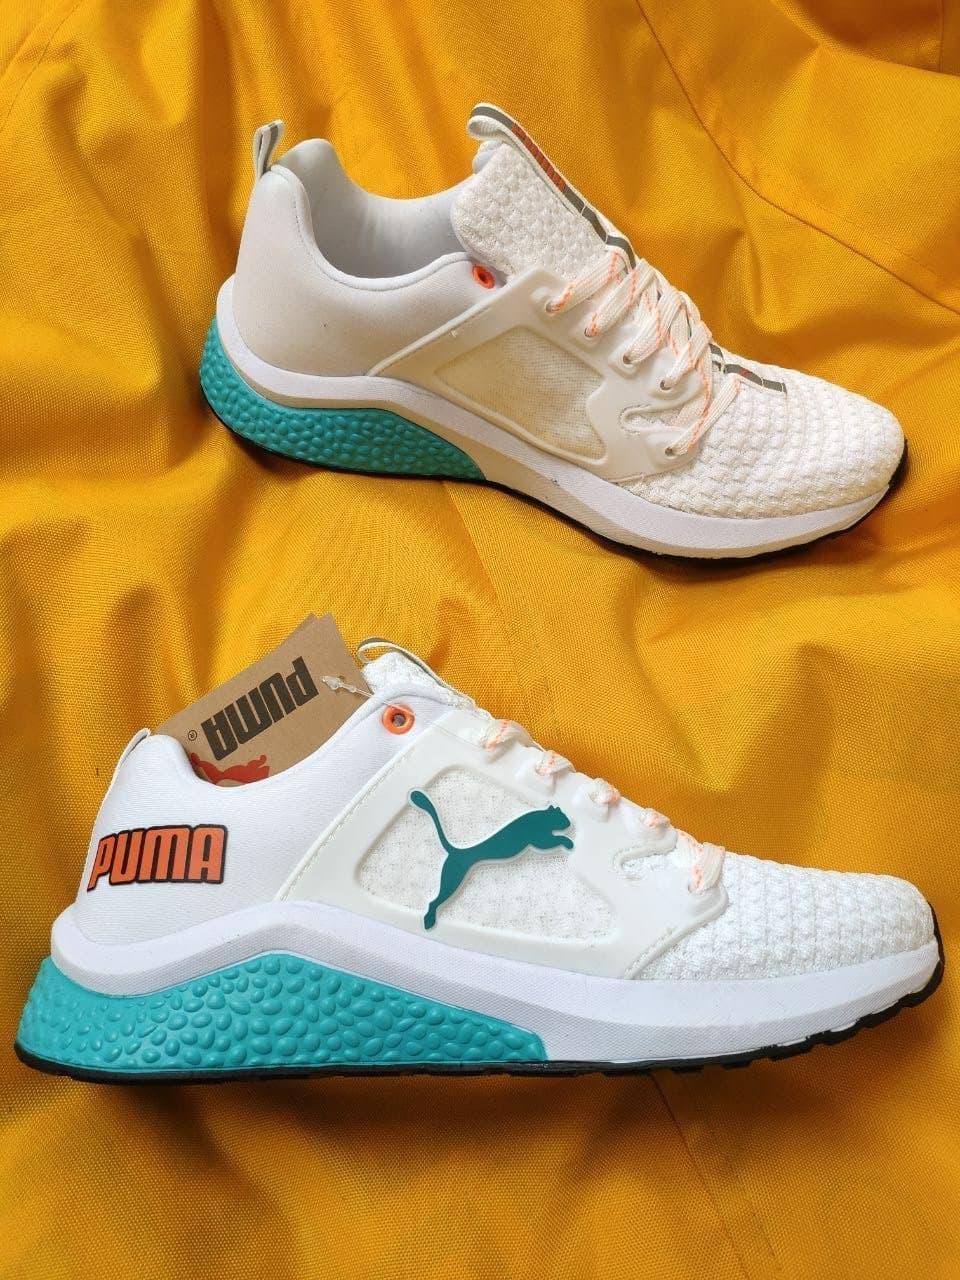 Мужские кроссовки Puma Hybrid (бело-бирюзовые) D103 весенние спортивные кроссы